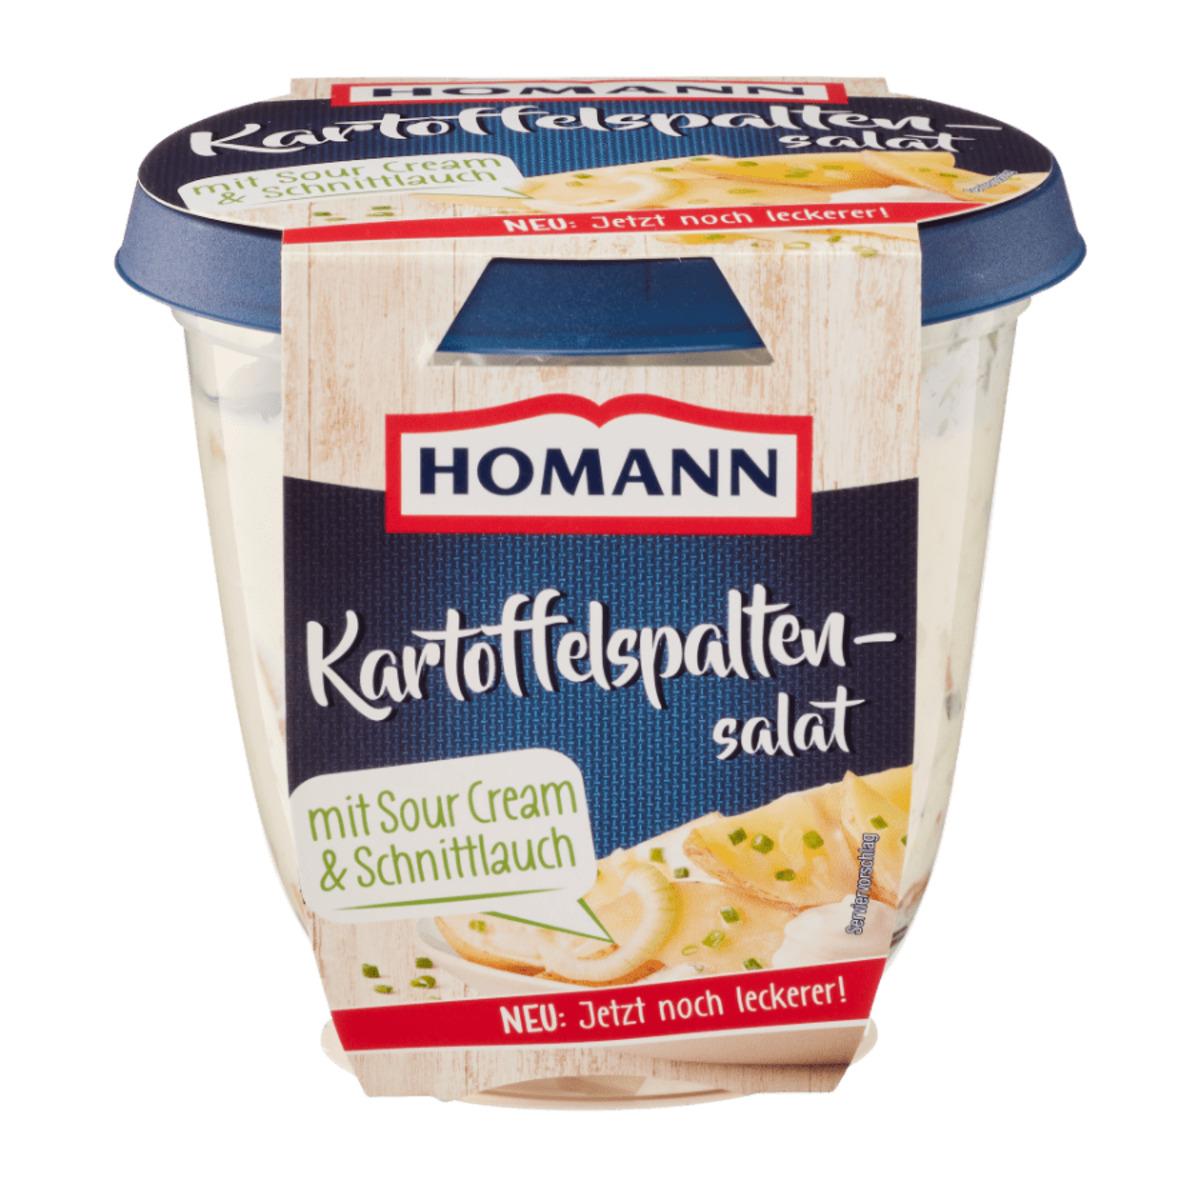 Bild 2 von Homann Kartoffelsalat